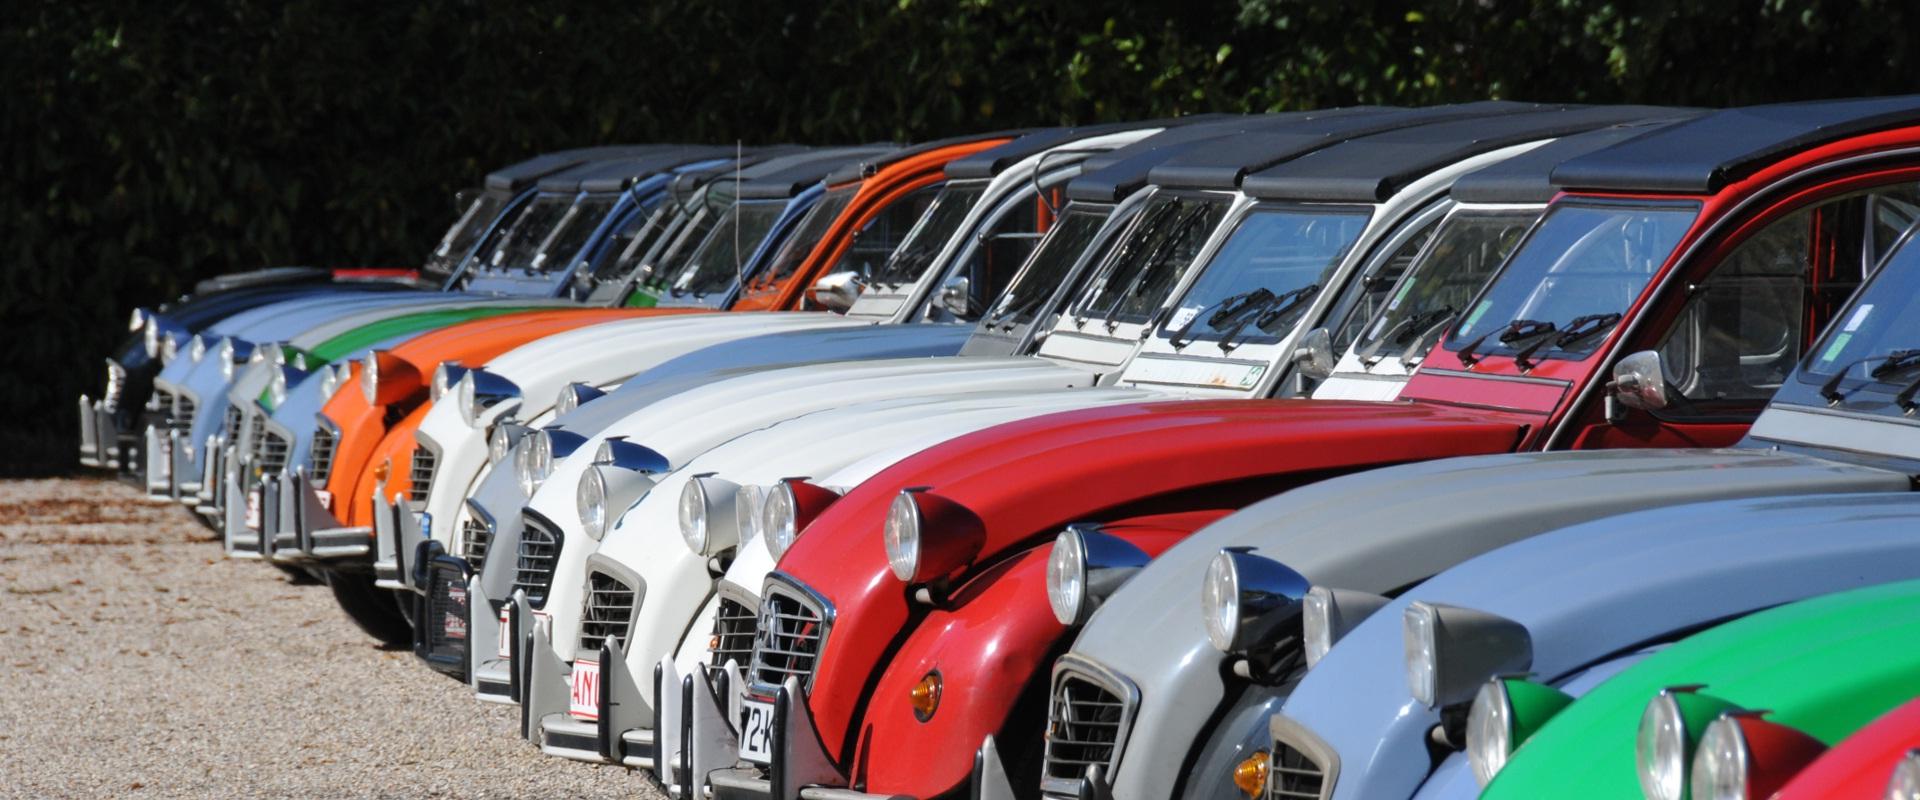 rallye_voitures